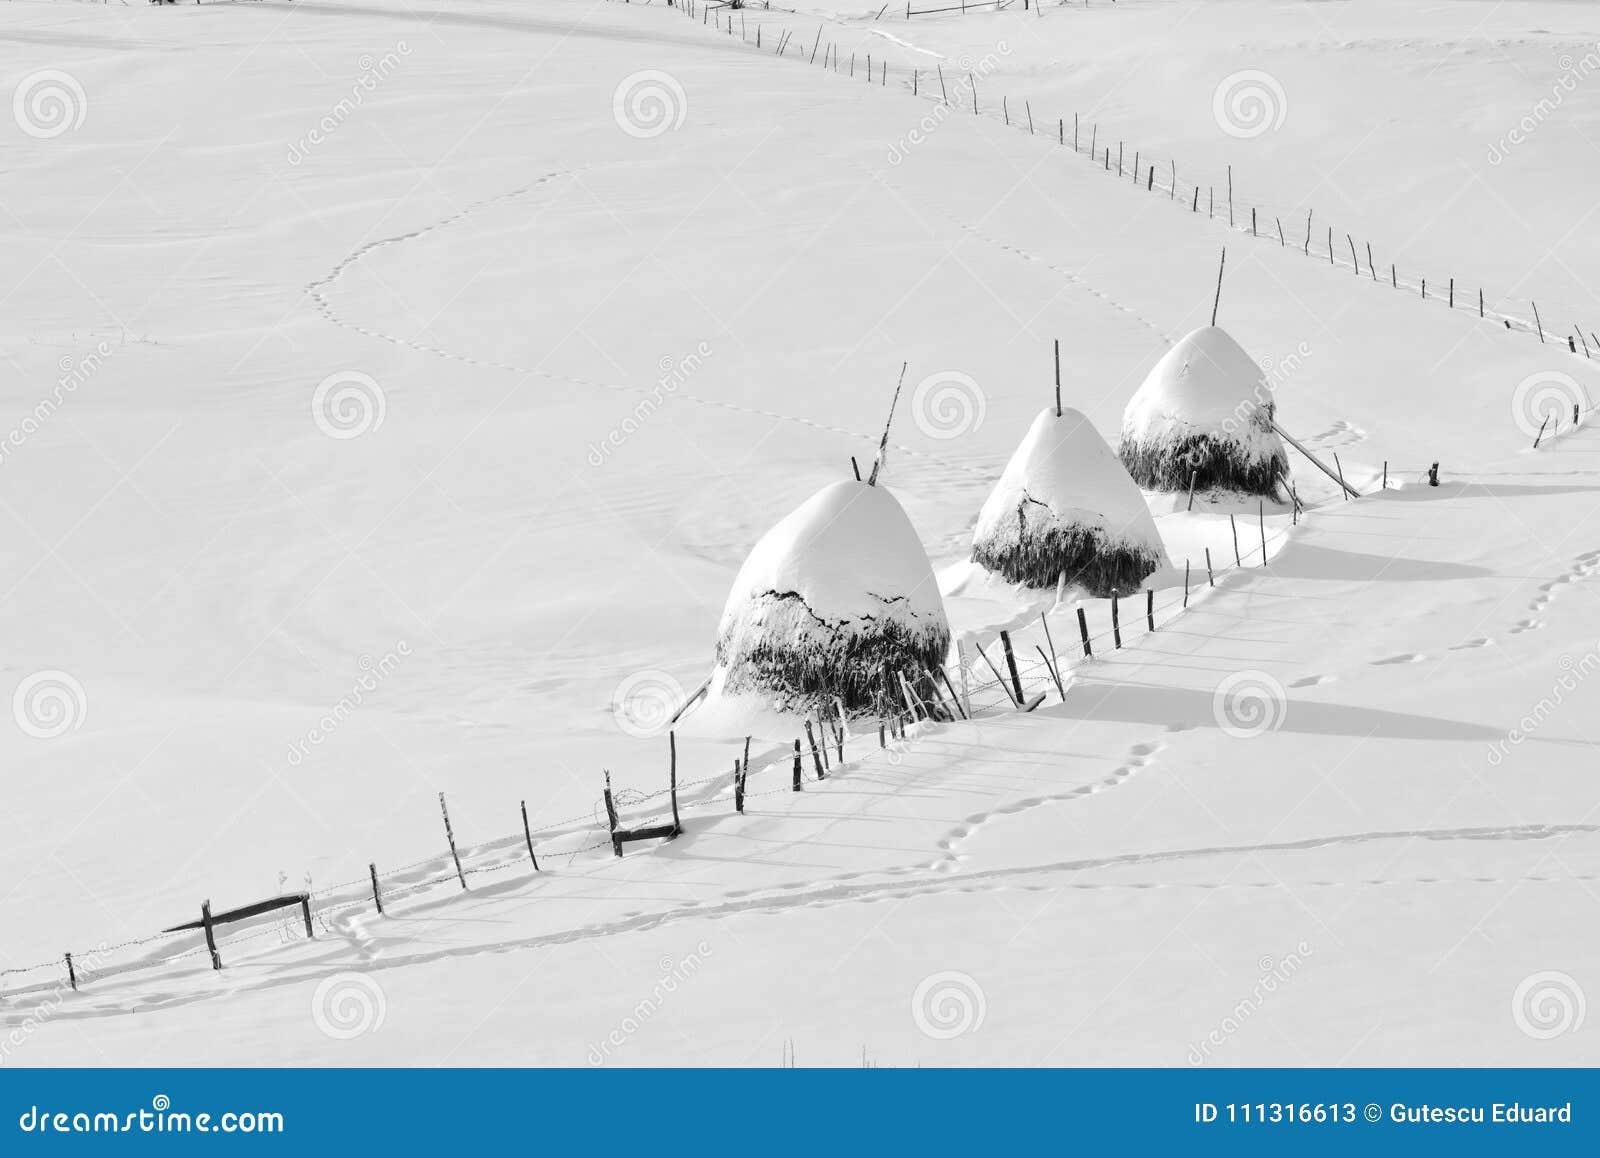 Winterszene in Rumänien, schöne Landschaft von wilden Karpatenbergen